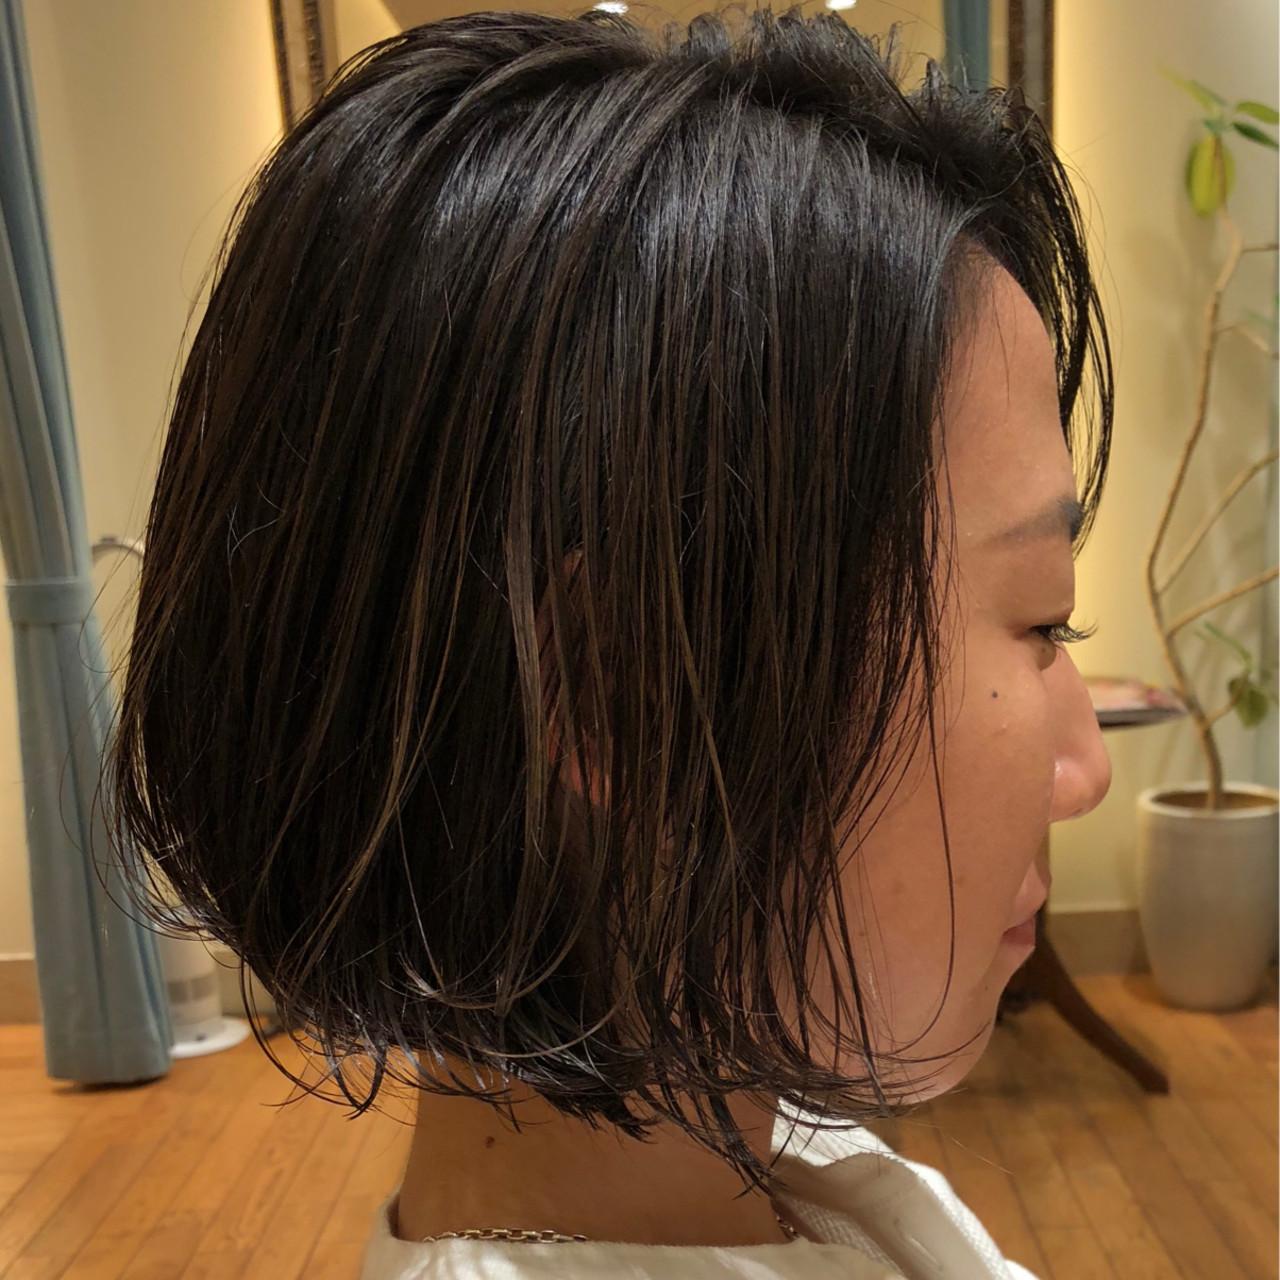 セミウェット ハイライト ボブ ダメージレス ヘアスタイルや髪型の写真・画像 | 市田莉子 / BEAUTRIUM265